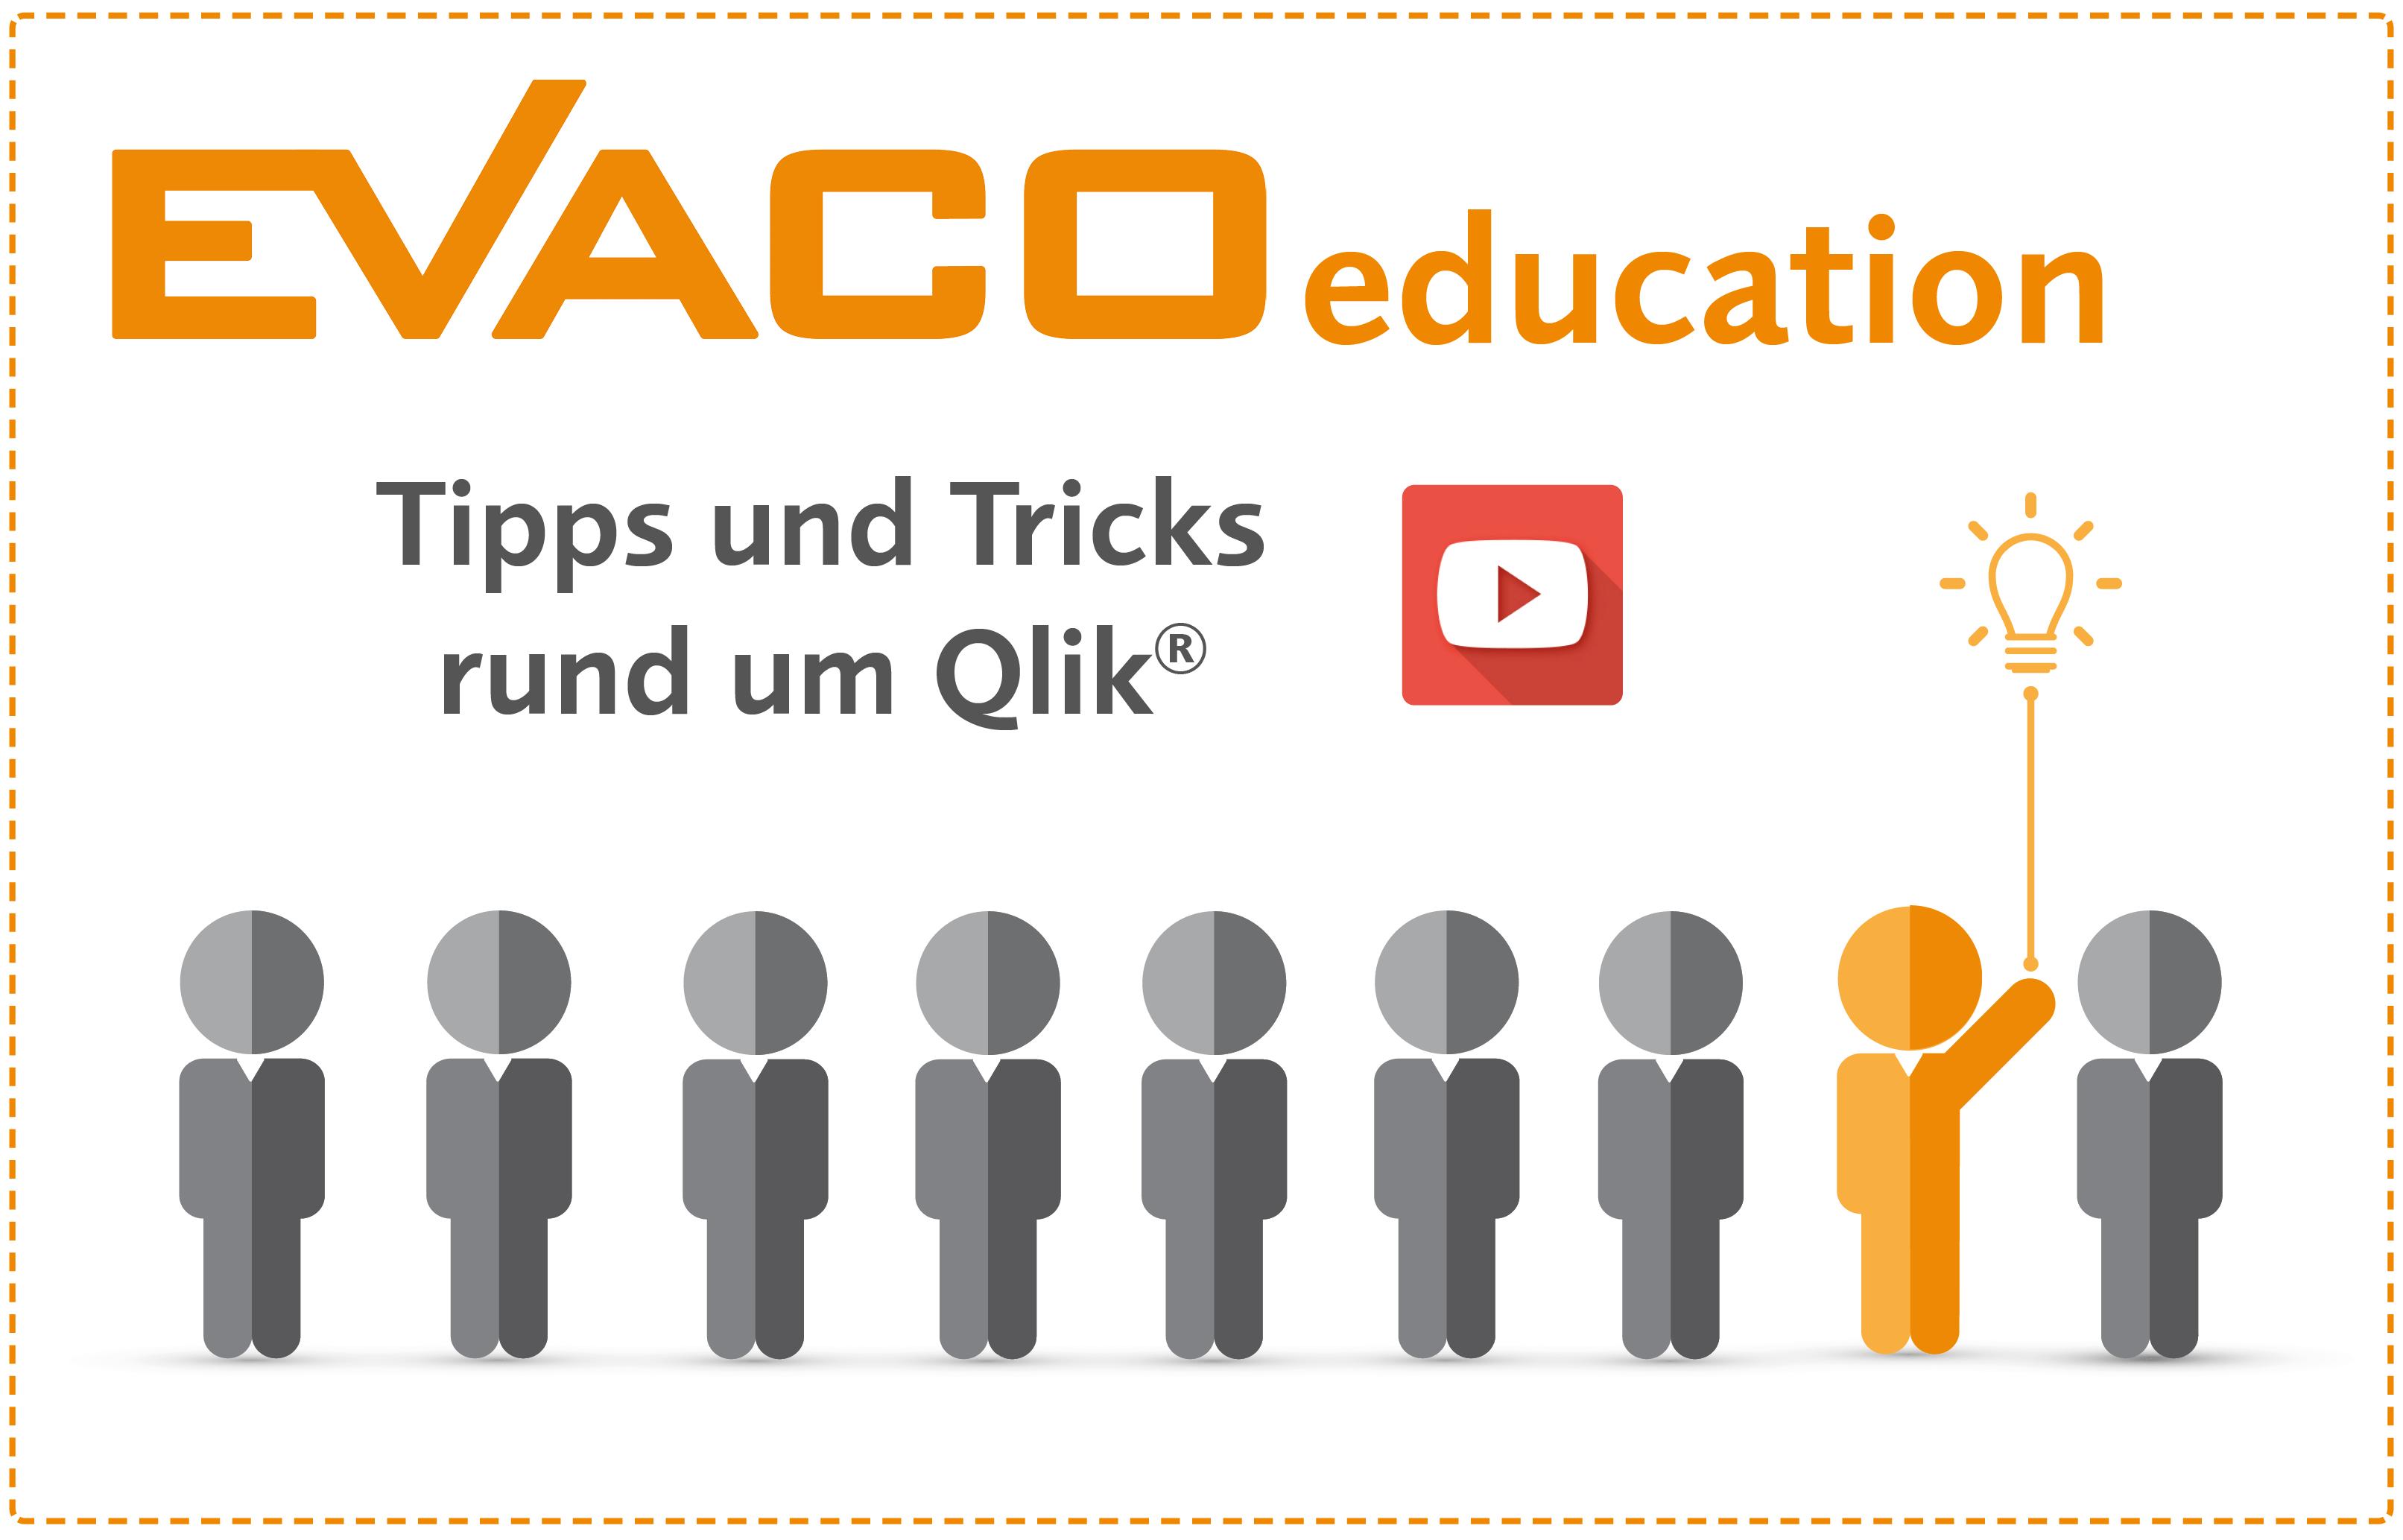 EVACO education Tipps und Tricks rund um Qlik Youtube Channel